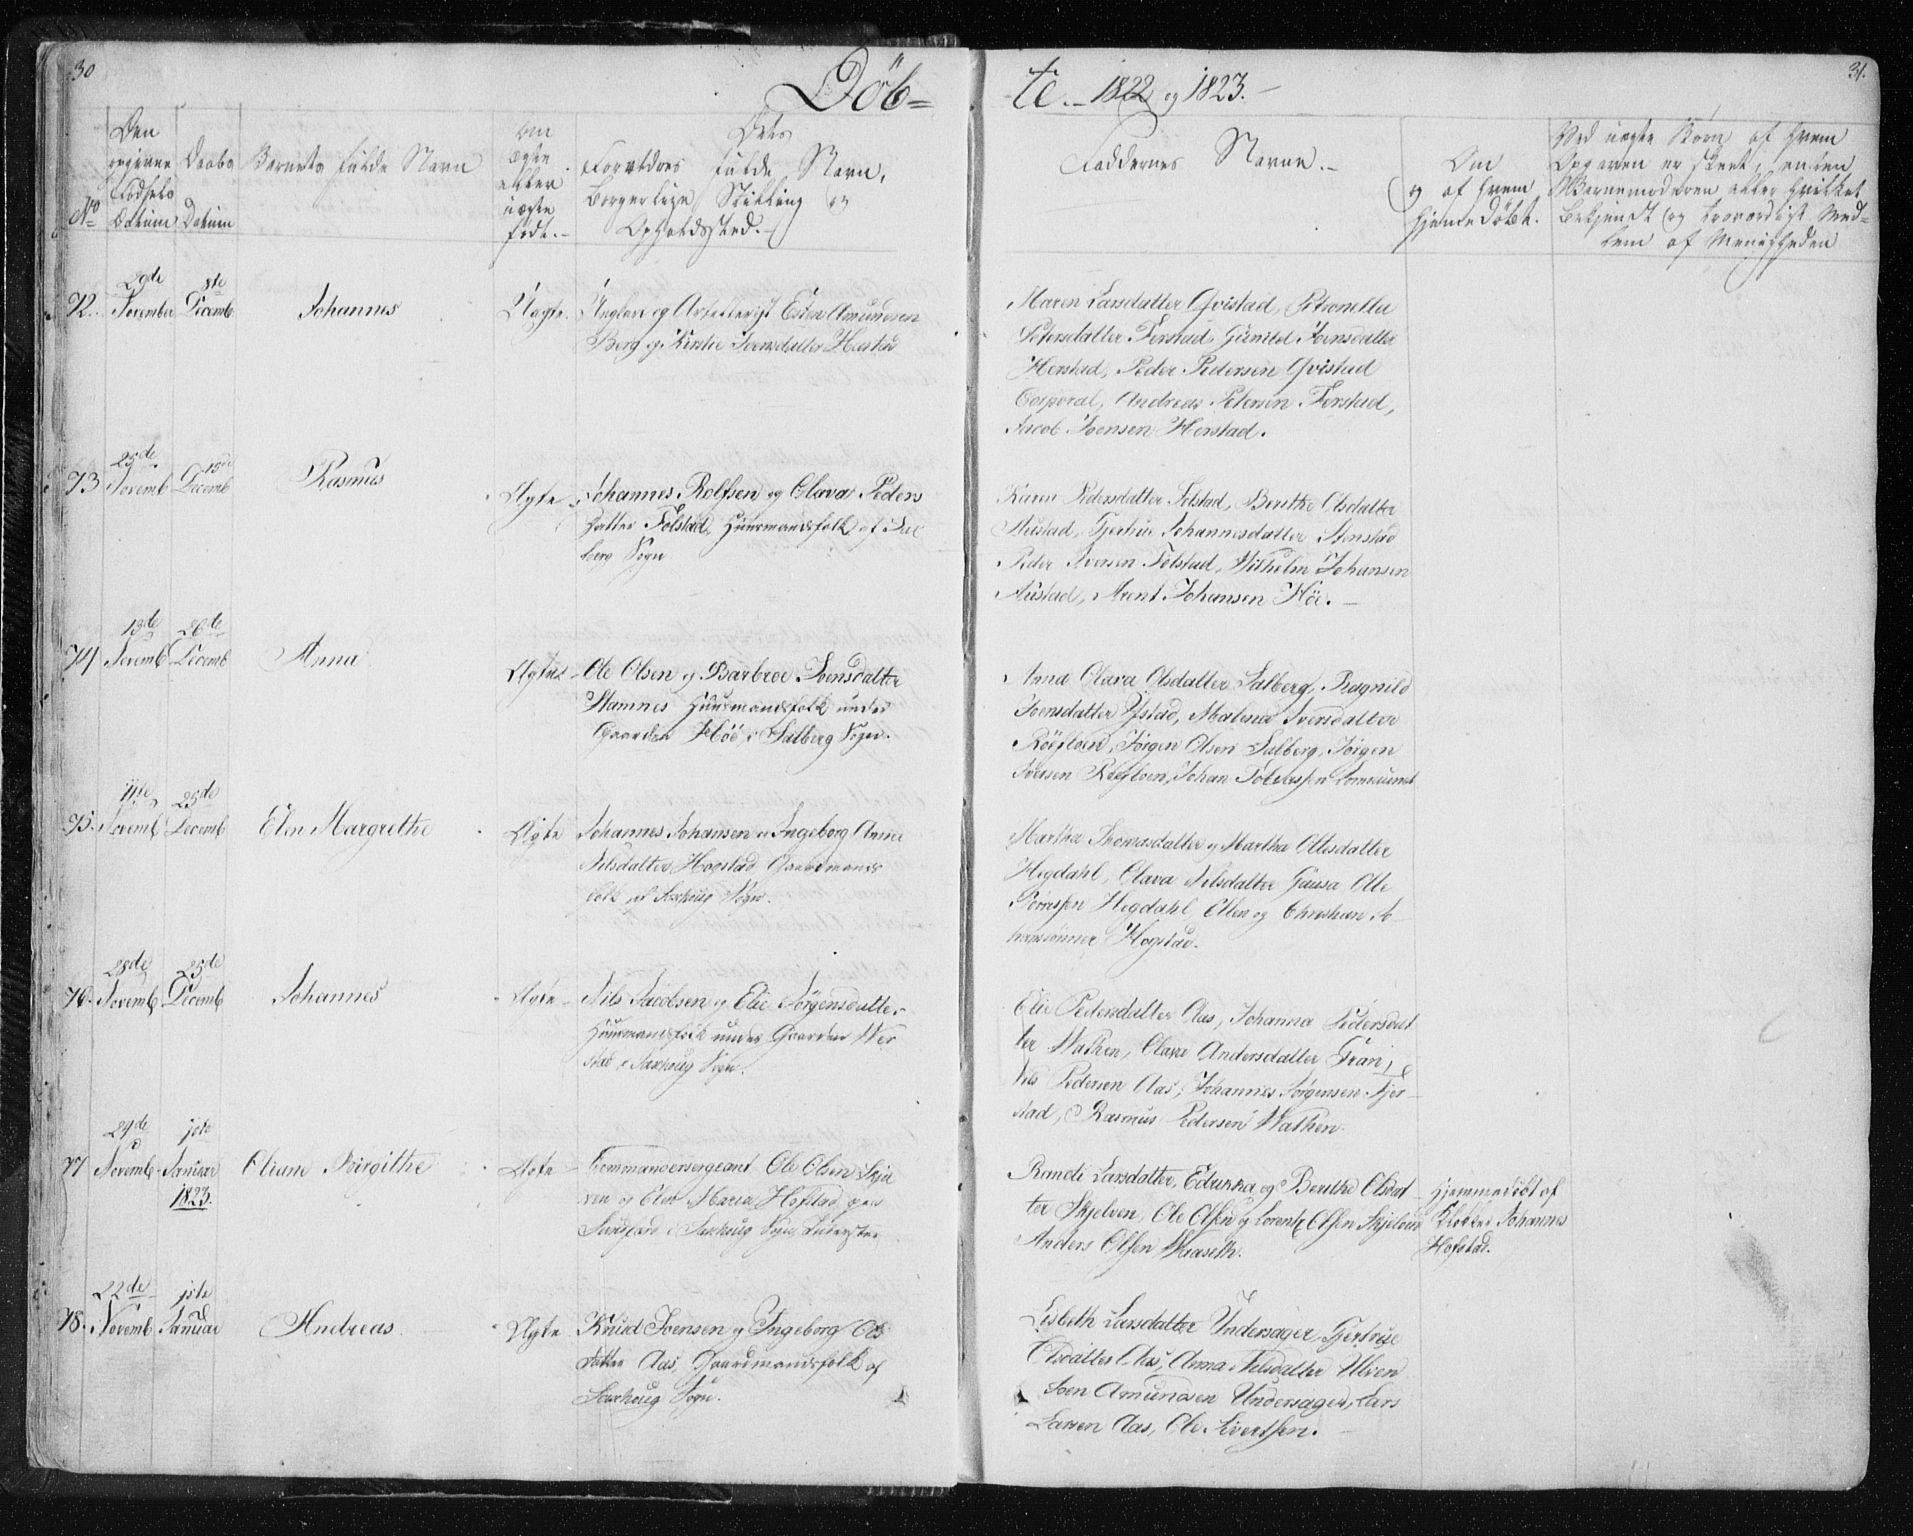 SAT, Ministerialprotokoller, klokkerbøker og fødselsregistre - Nord-Trøndelag, 730/L0276: Ministerialbok nr. 730A05, 1822-1830, s. 30-31